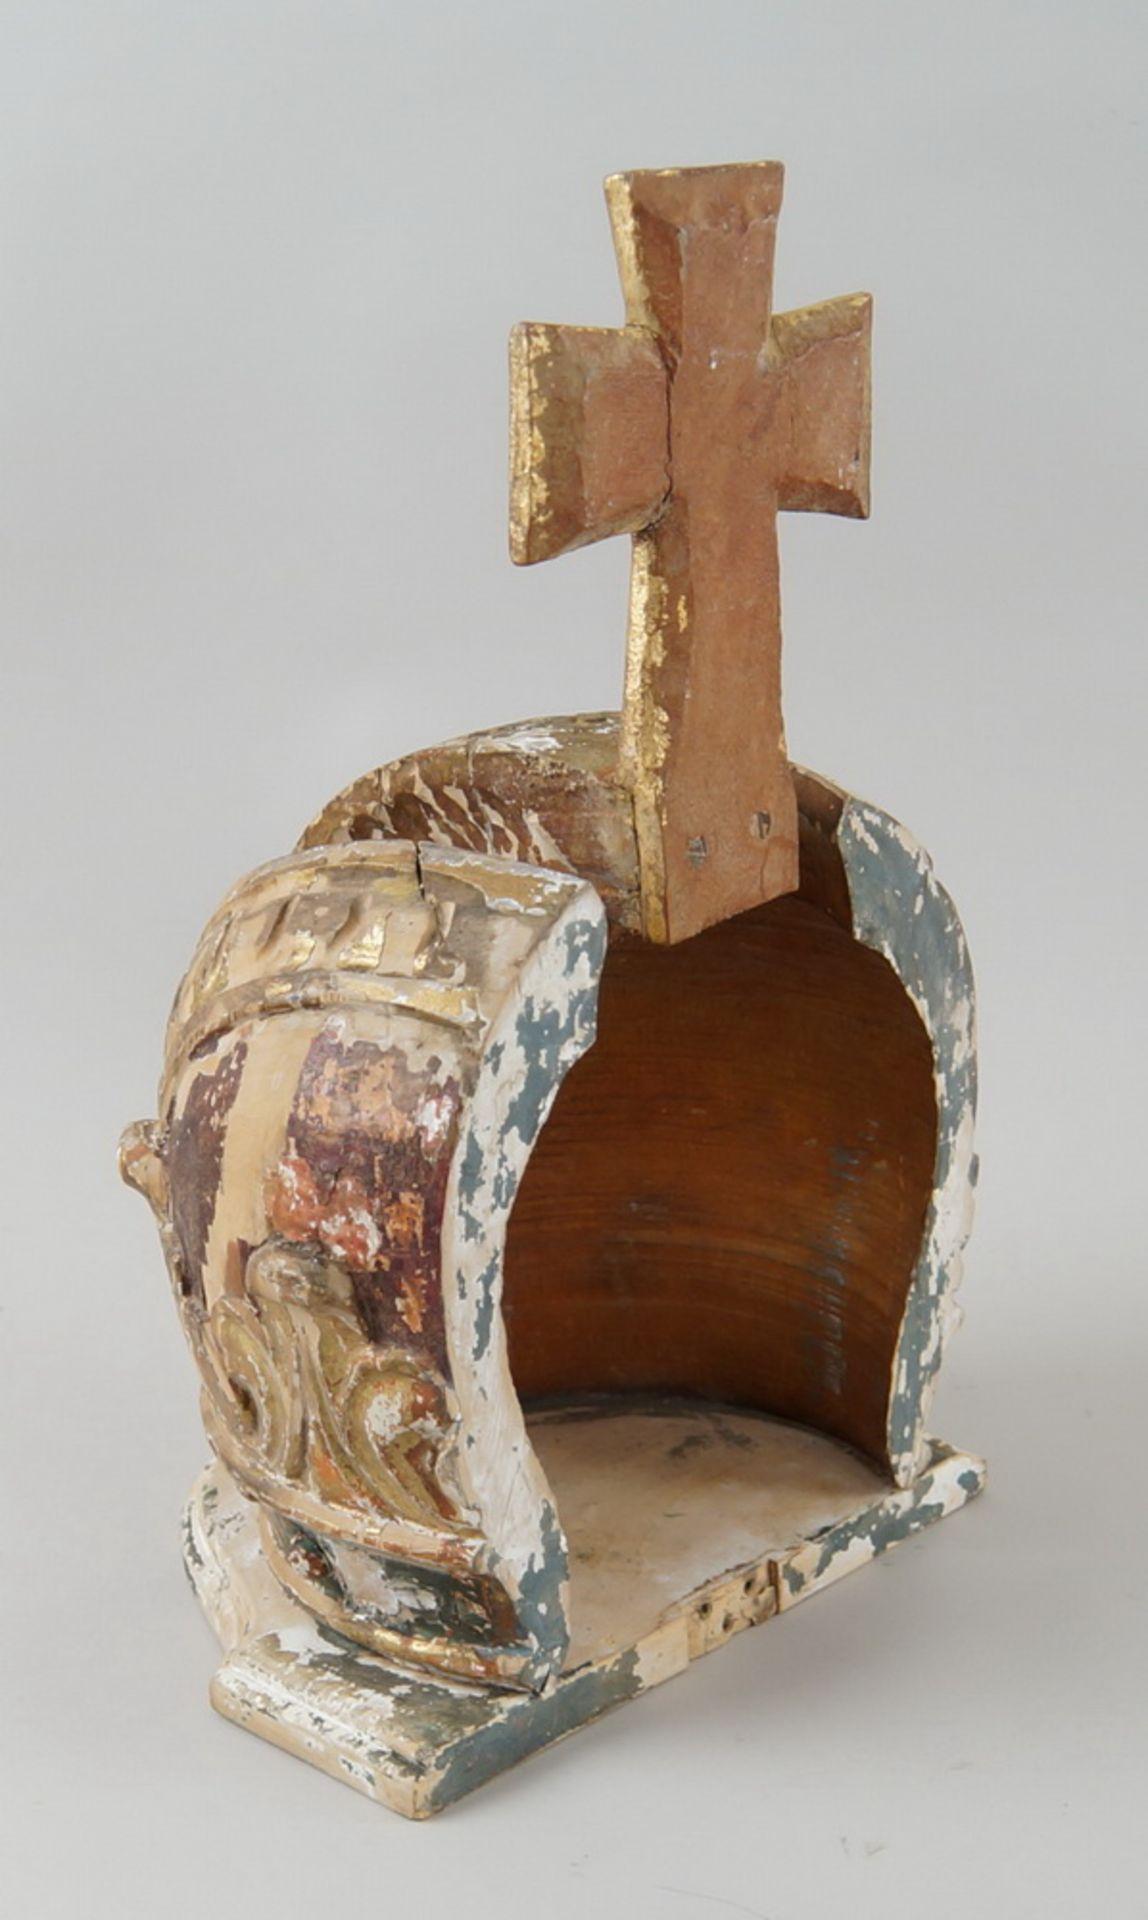 Prunkvolle Krone, Holz geschnitzt und gefasst/vergoldet, Fassung altersbedingt beschädigt,18. JH, - Bild 6 aus 6